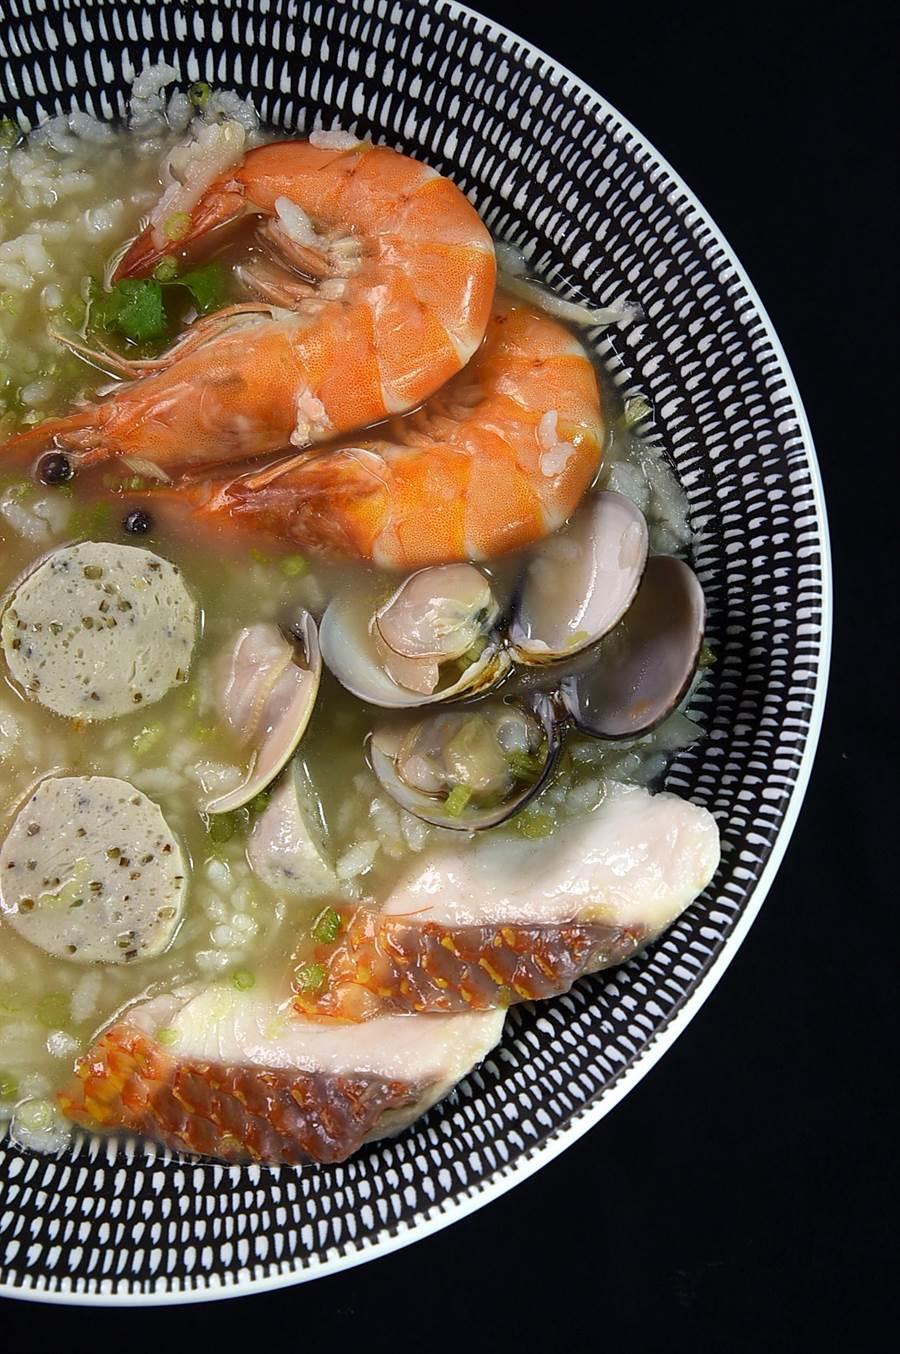 每份190元的〈海鱻粥〉是以昆布湯頭為底,加入海紅鯛魚片、褐藻魚丸、藍鑽蝦熬煮的台式粥品,另配上古早味醃筍簽增添口感,並以褐藻甘鮮露調味。(圖/姚舜)